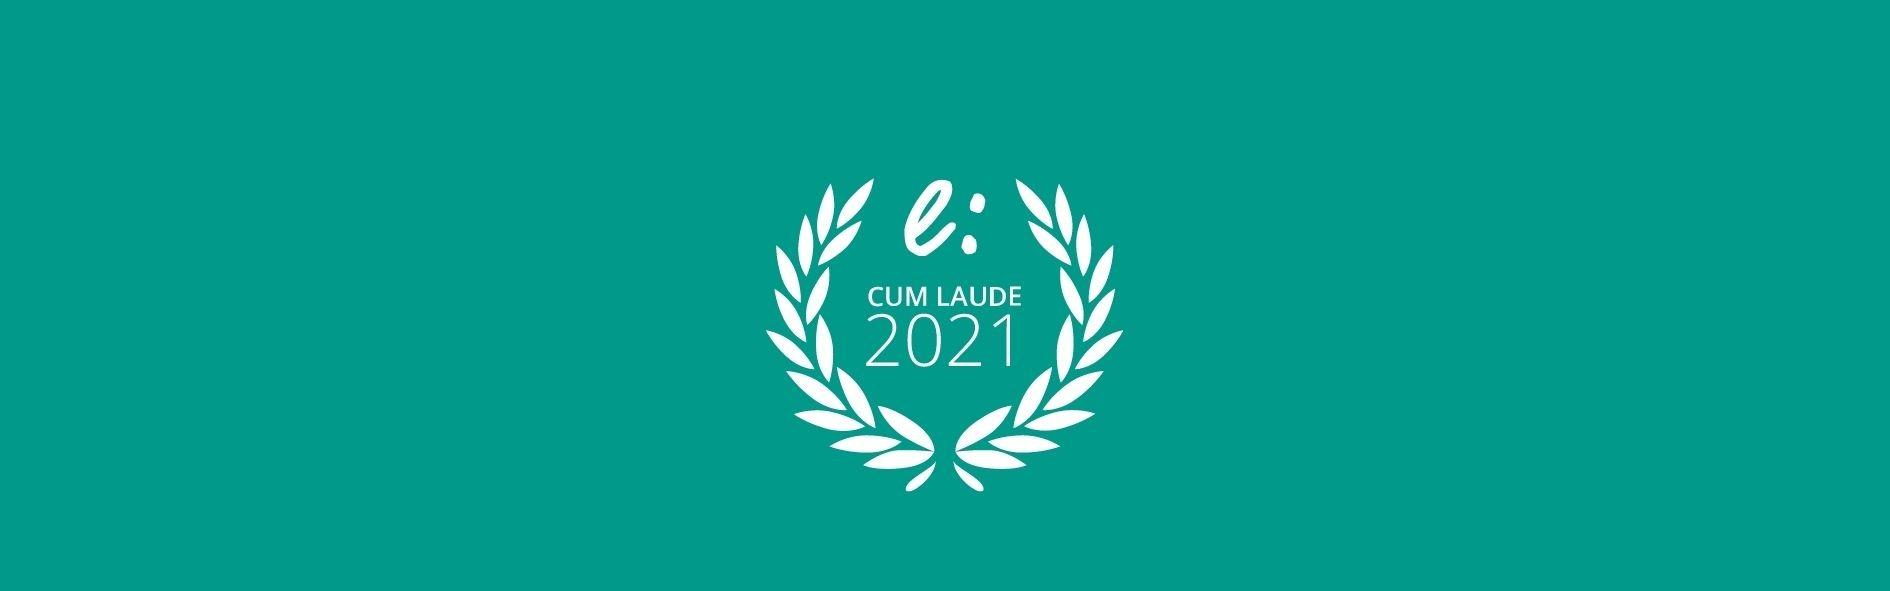 Hemos recibido el sello cum laude por opiniones Instituto Europeo de Educación